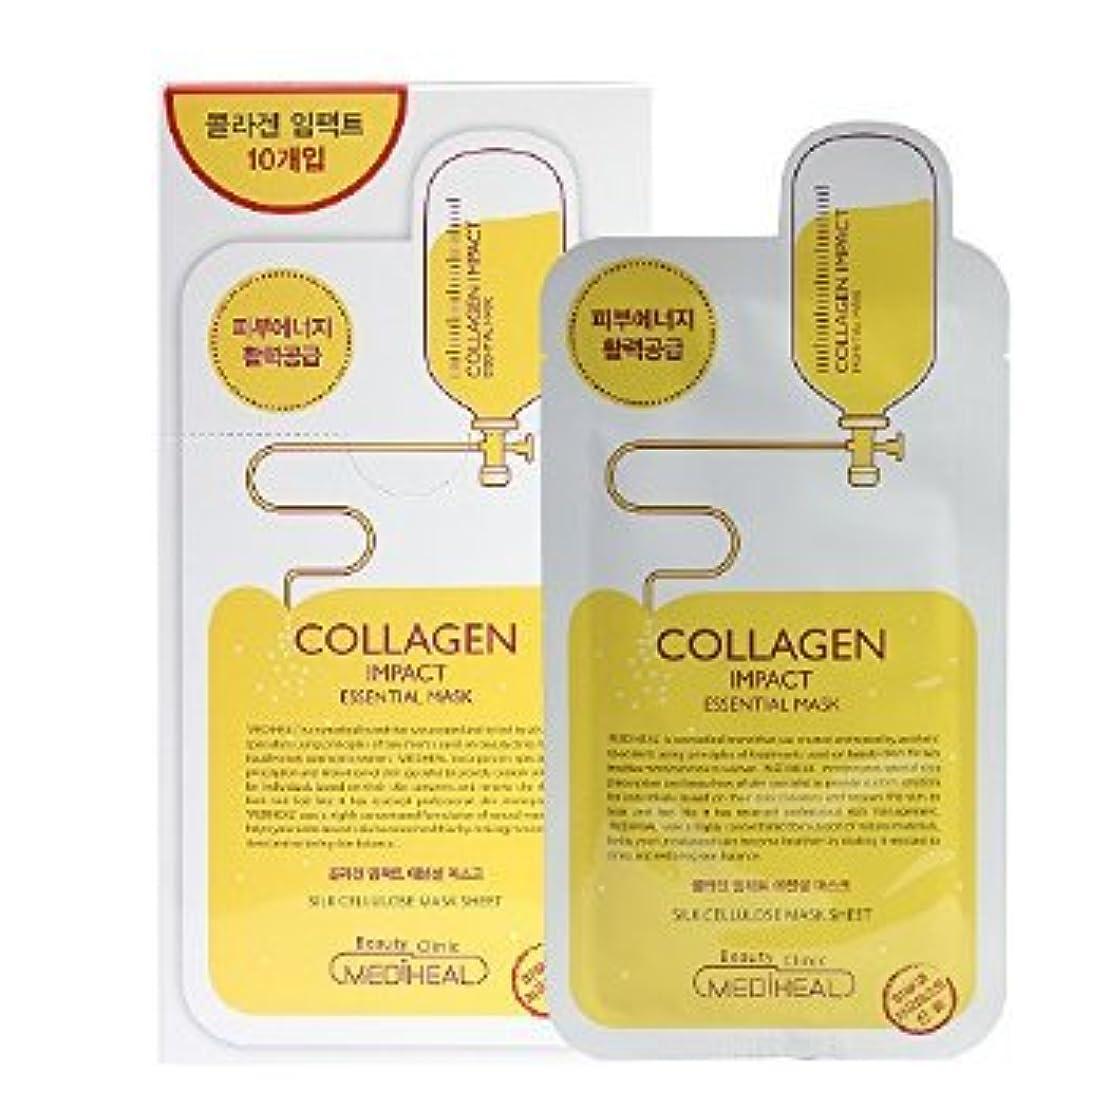 引き金フィード目を覚ますKorea Mediheal Collagen Impact Essential Mask Pack 1box 10sheet